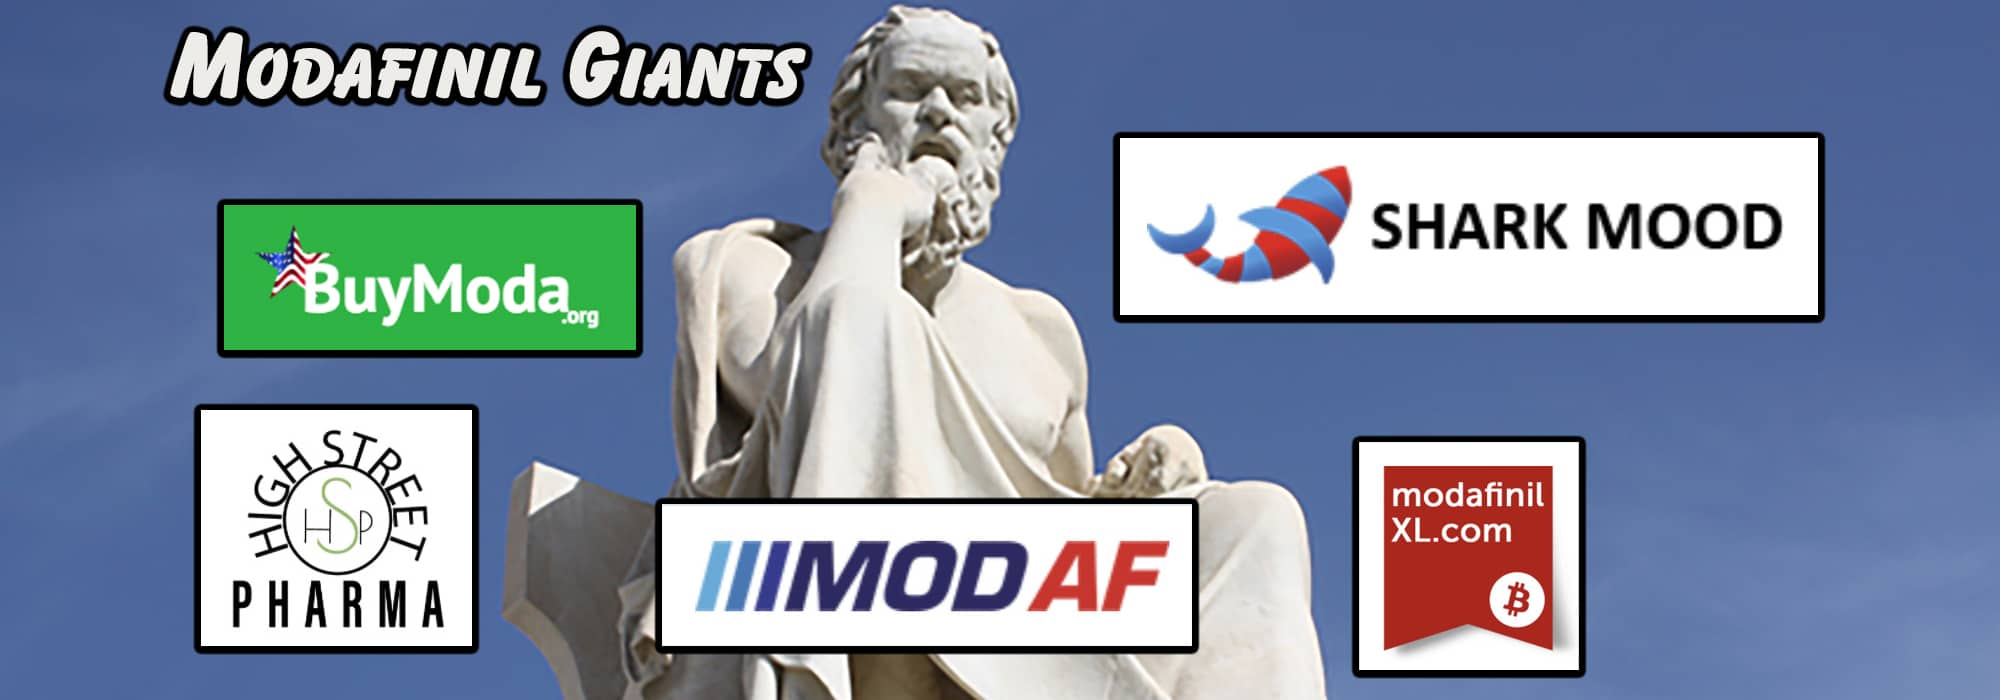 Modafinil Giants 2021